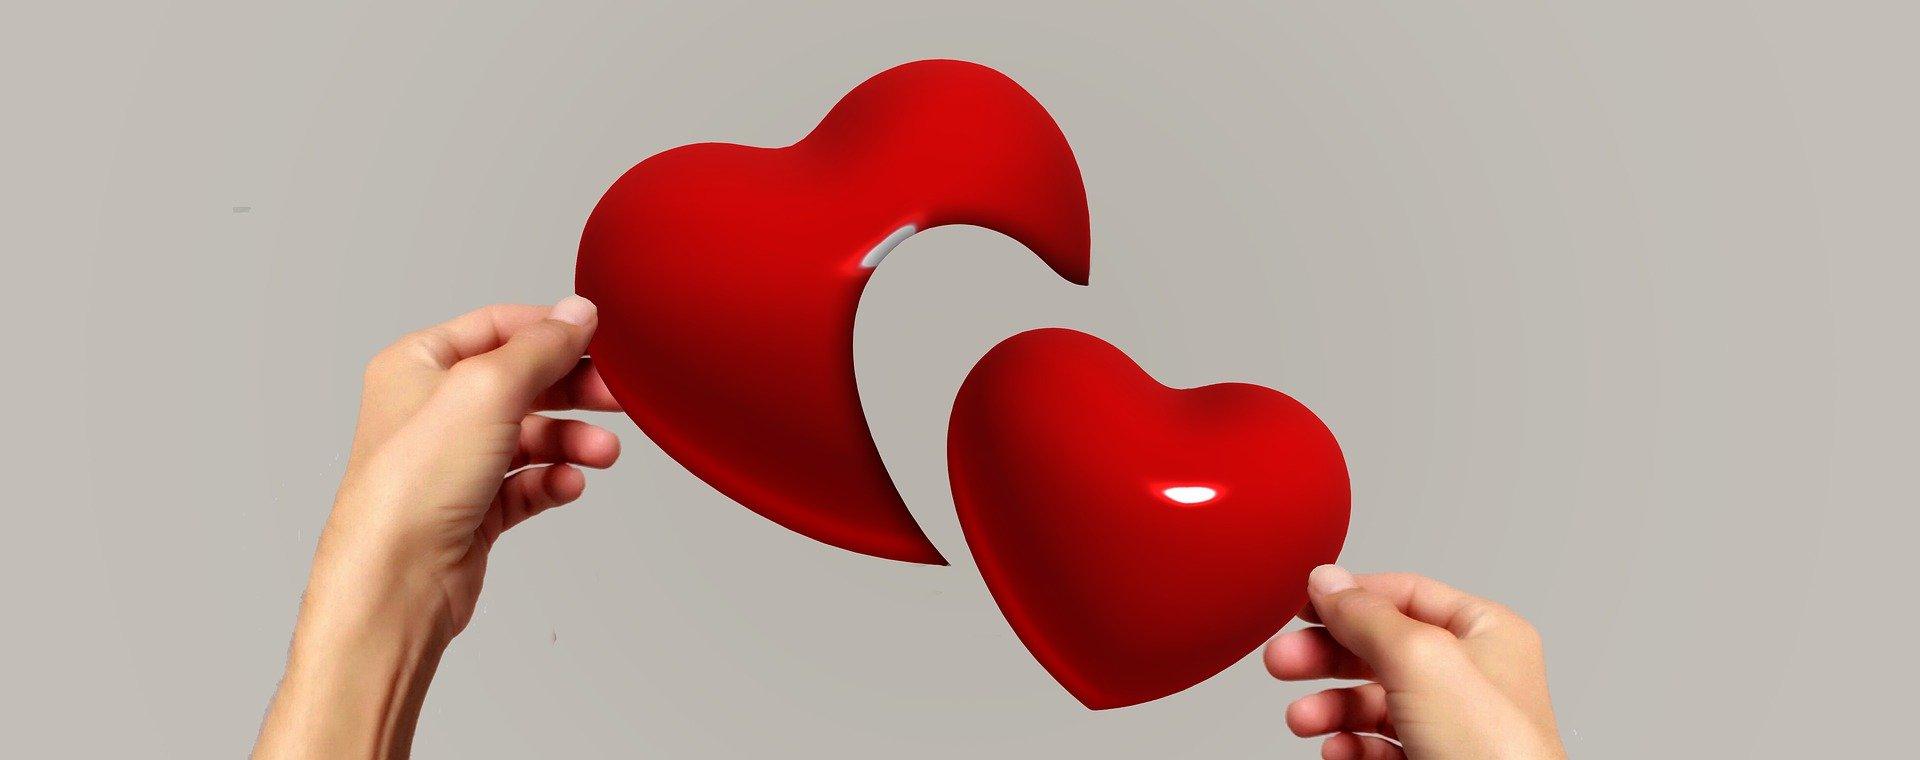 réunir les coeurs